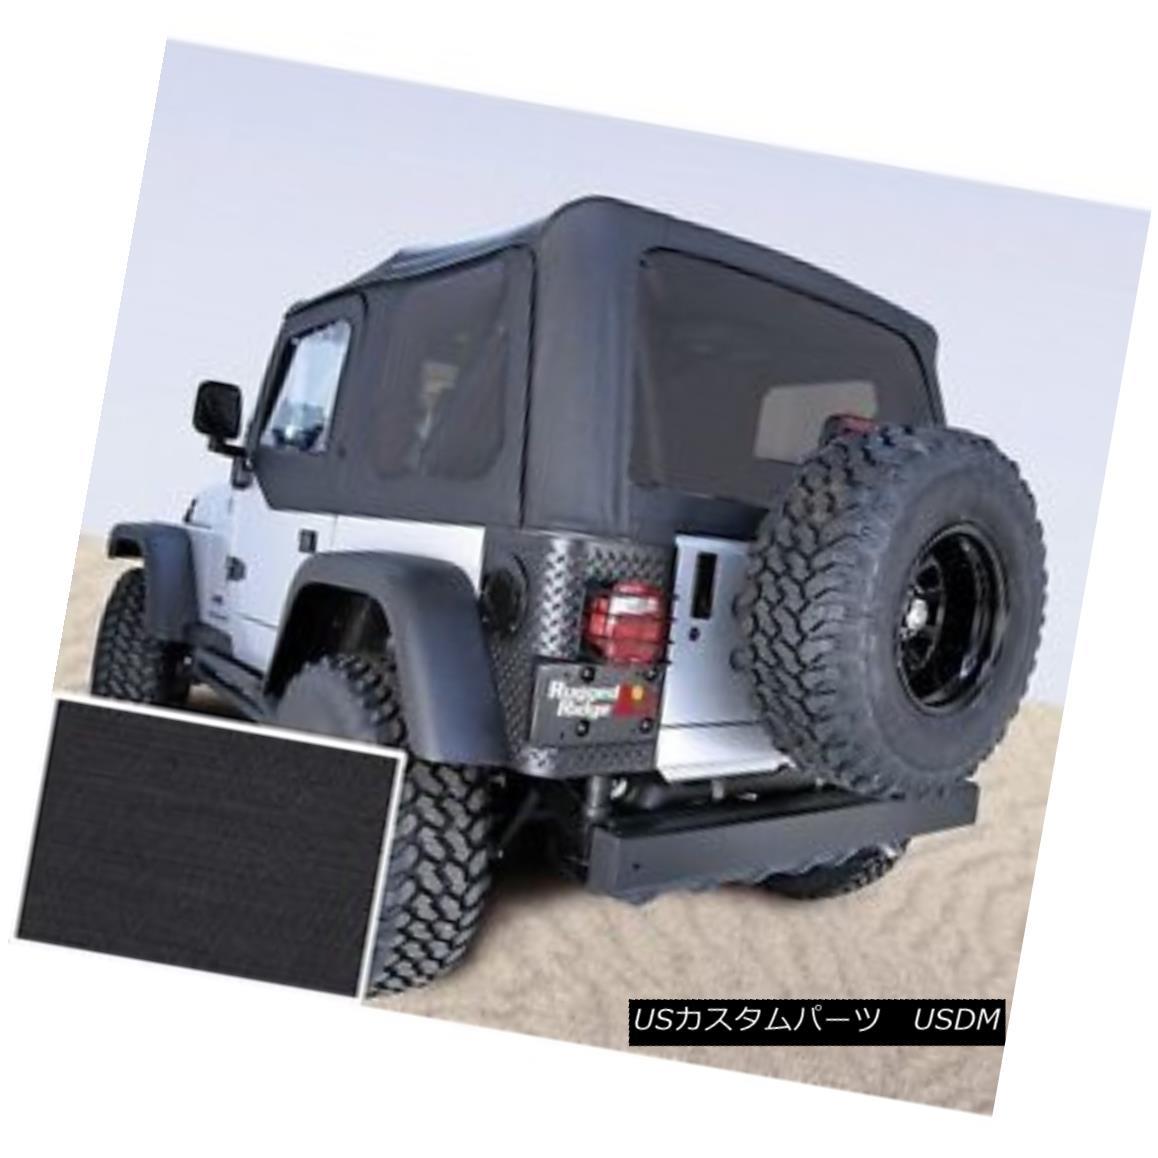 幌・ソフトトップ XHD Replacement Soft Top With Door Skins & Tint Jeep Wrangler TJ 97-06 13724.35 XHD交換ソフトトップドアスキン& ティントジープラングラーTJ 97-06 13724.35